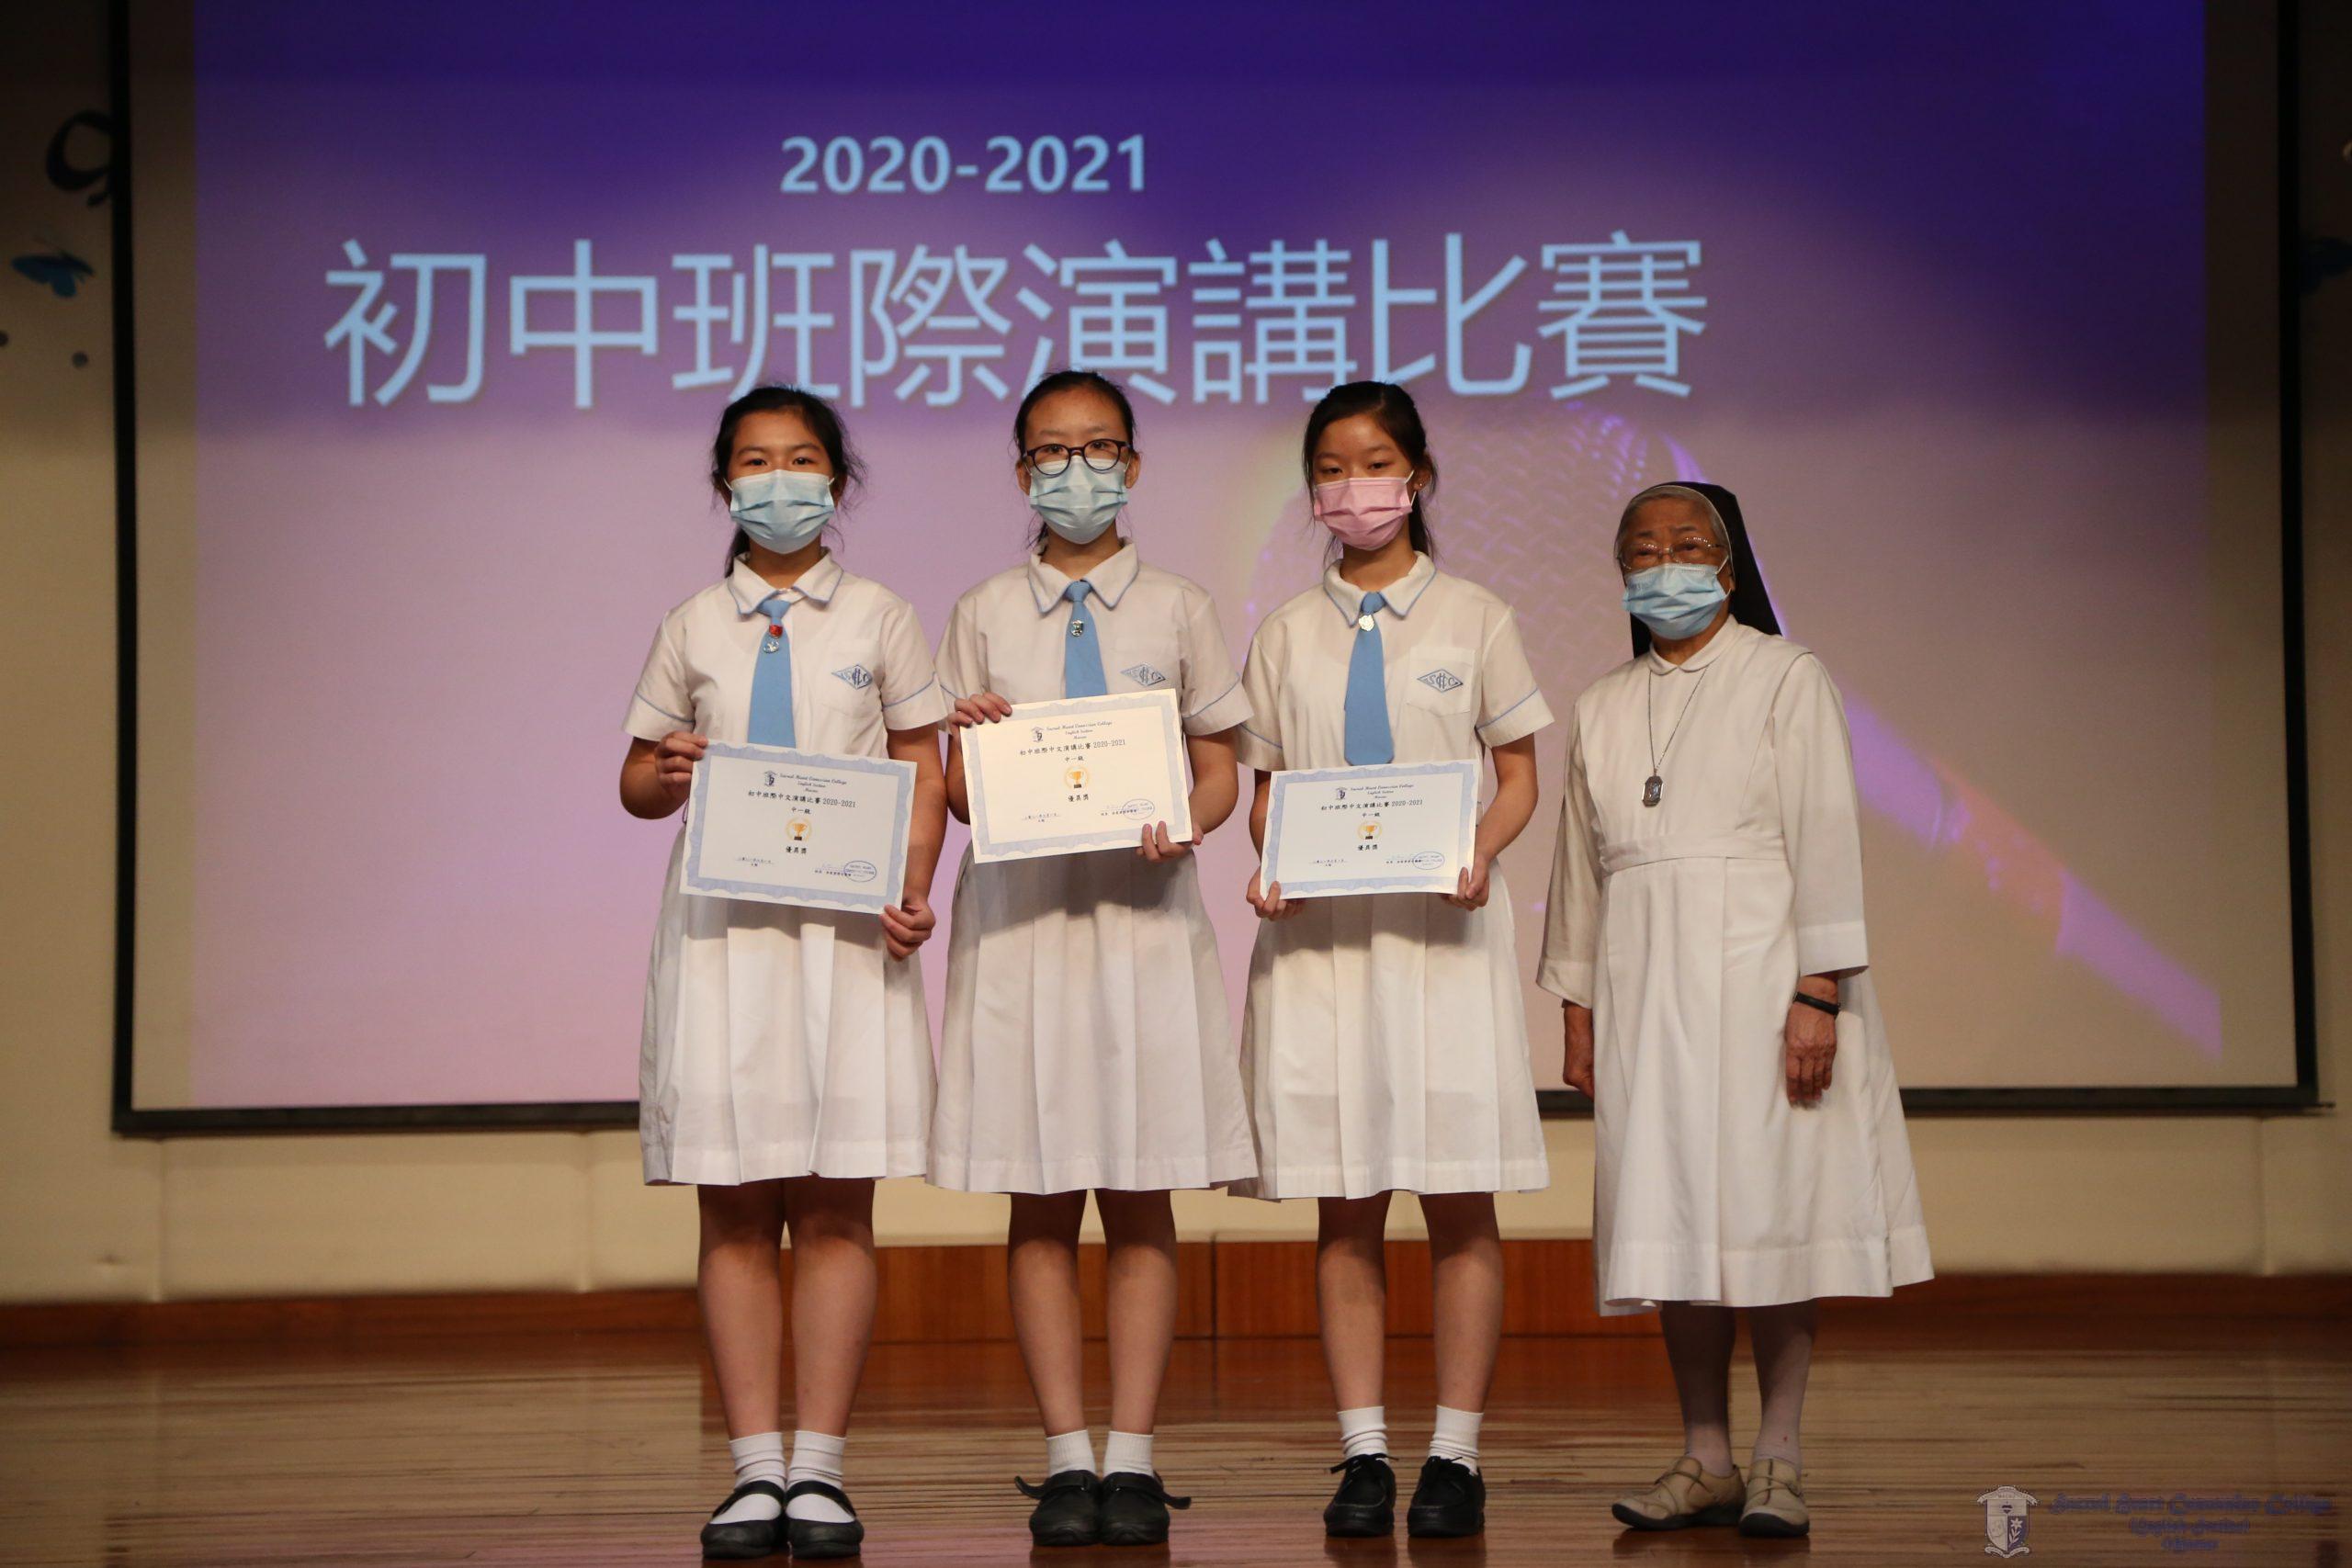 中一級優異獎得主與校監Sr. Dorothy Cheng合照留念